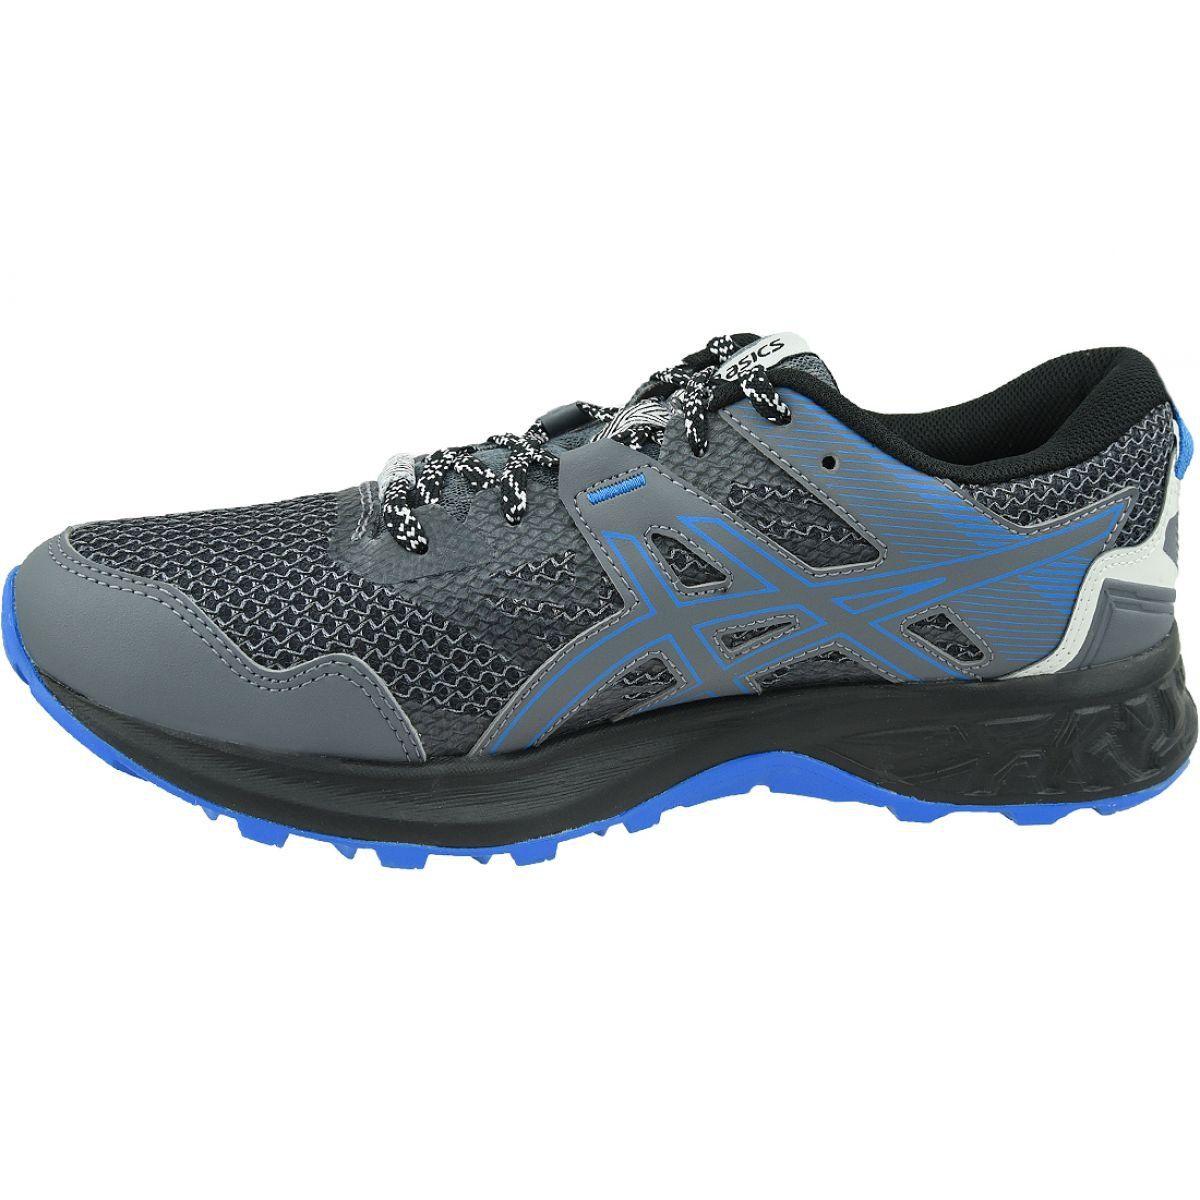 Buty Asics Gel Sonoma 5 M 1011a661 020 Szare Wielokolorowe Asics Gel Asics Asics Sneaker